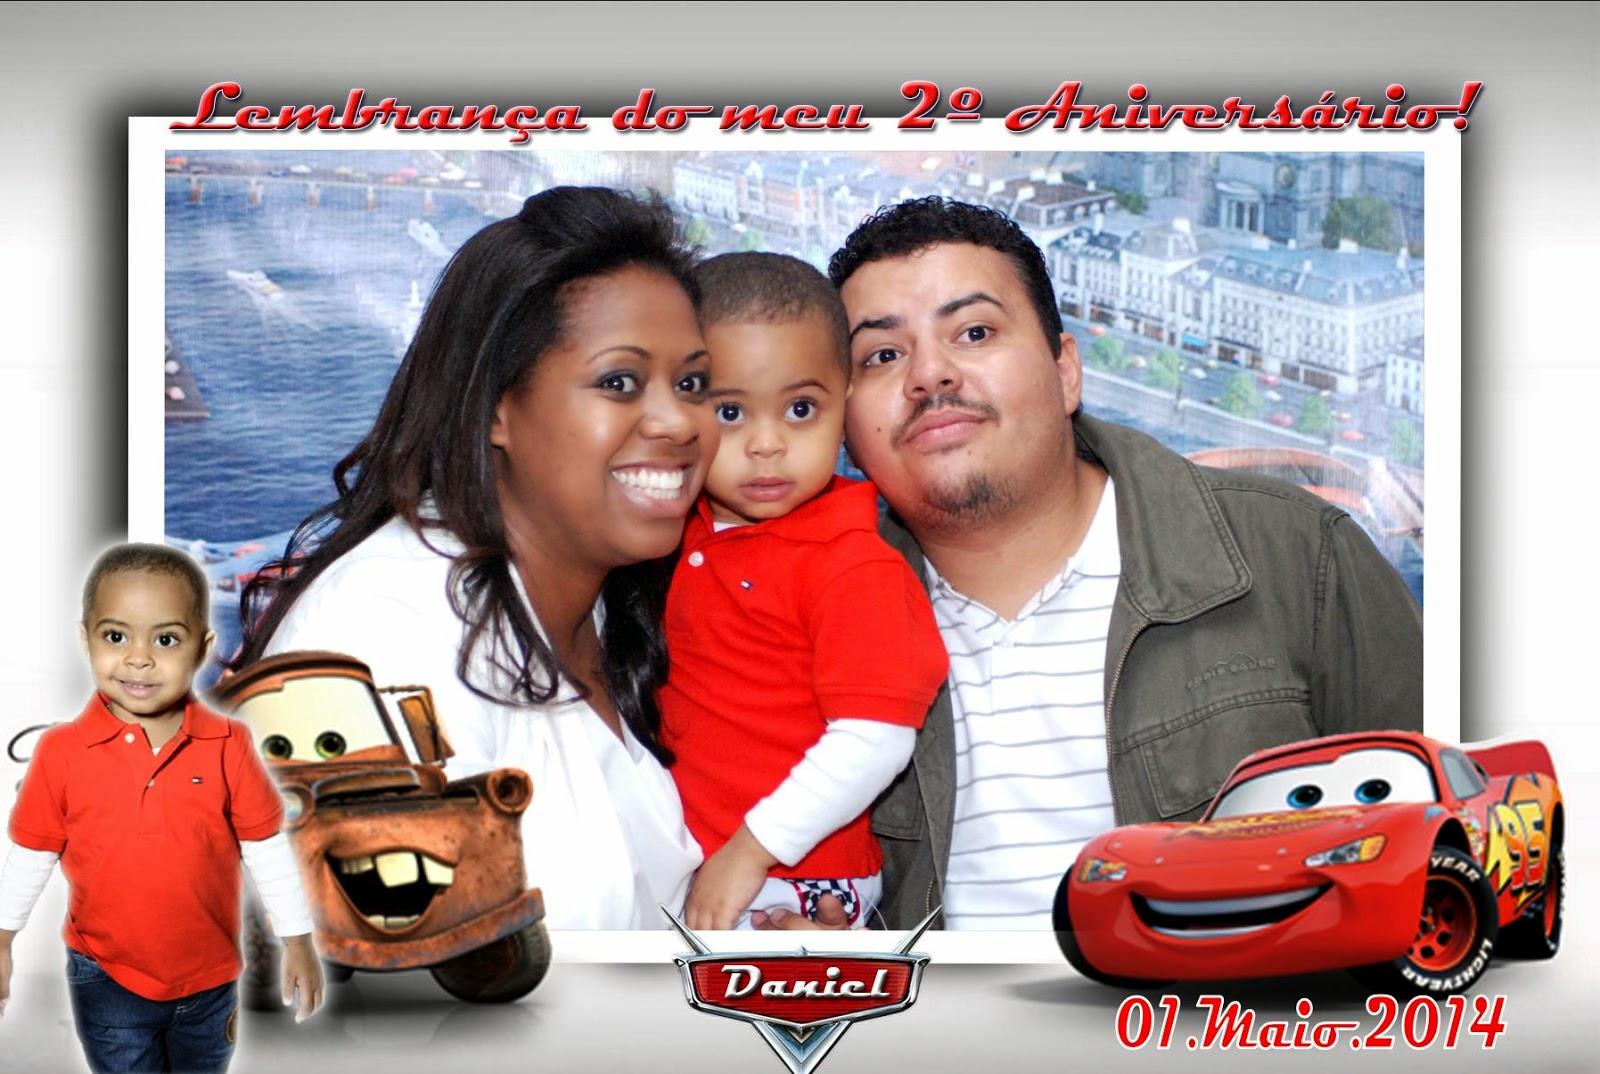 http://fotos-lembranca.blogspot.com.br/2014/05/20140501-daniel-2-anos-carros.html